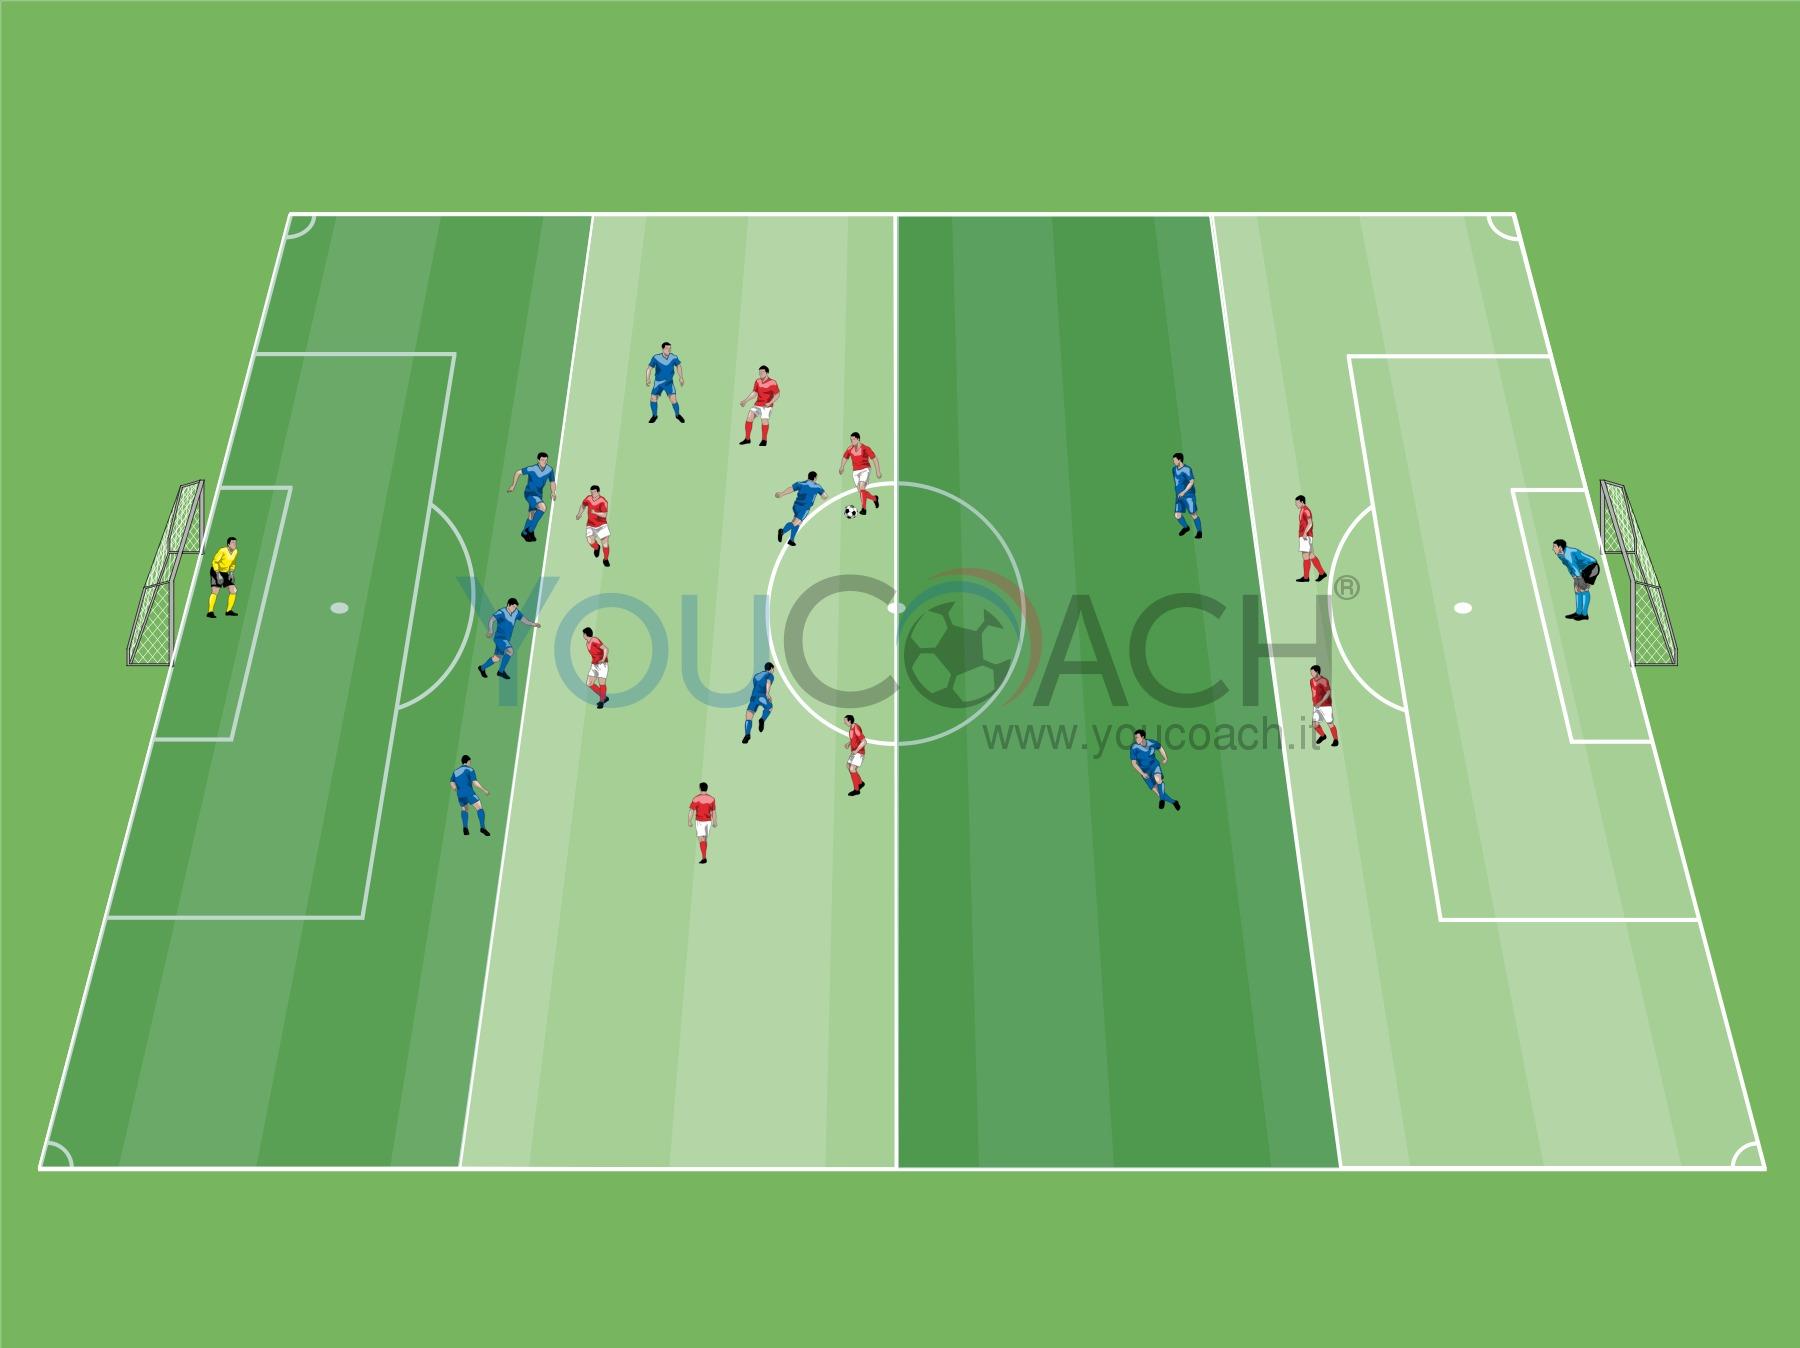 コンパクトな守備からの切り替え - レスター・シティFCのトレーニング...